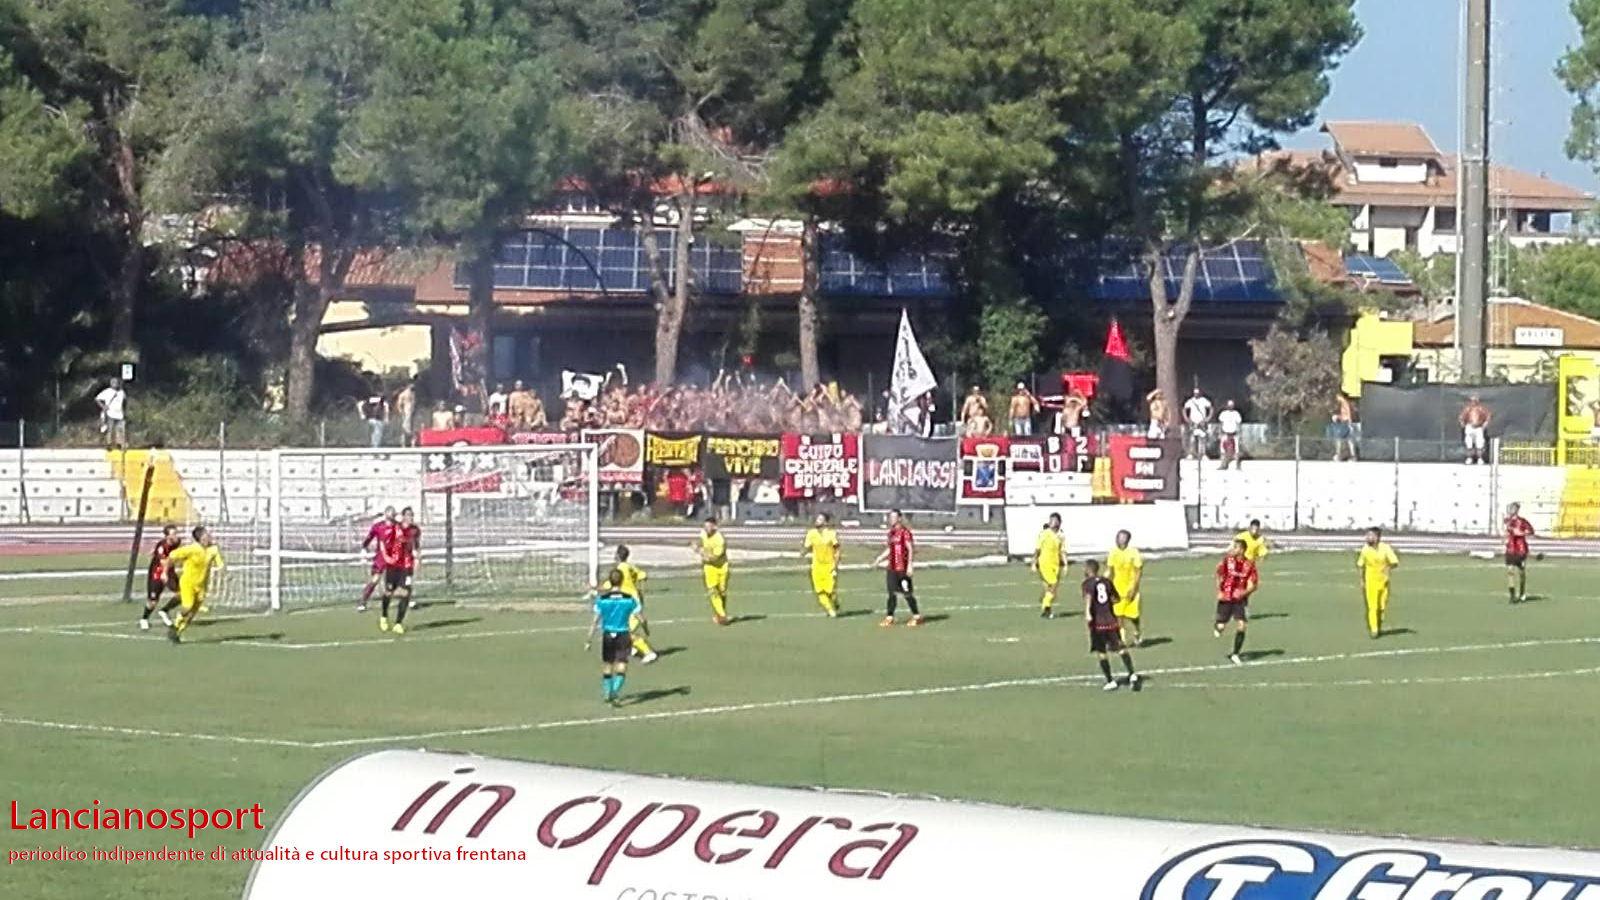 Il Lanciano sbanca il Valle Anzuca: 1-4 al Villa 2015 per restare a punteggio pieno